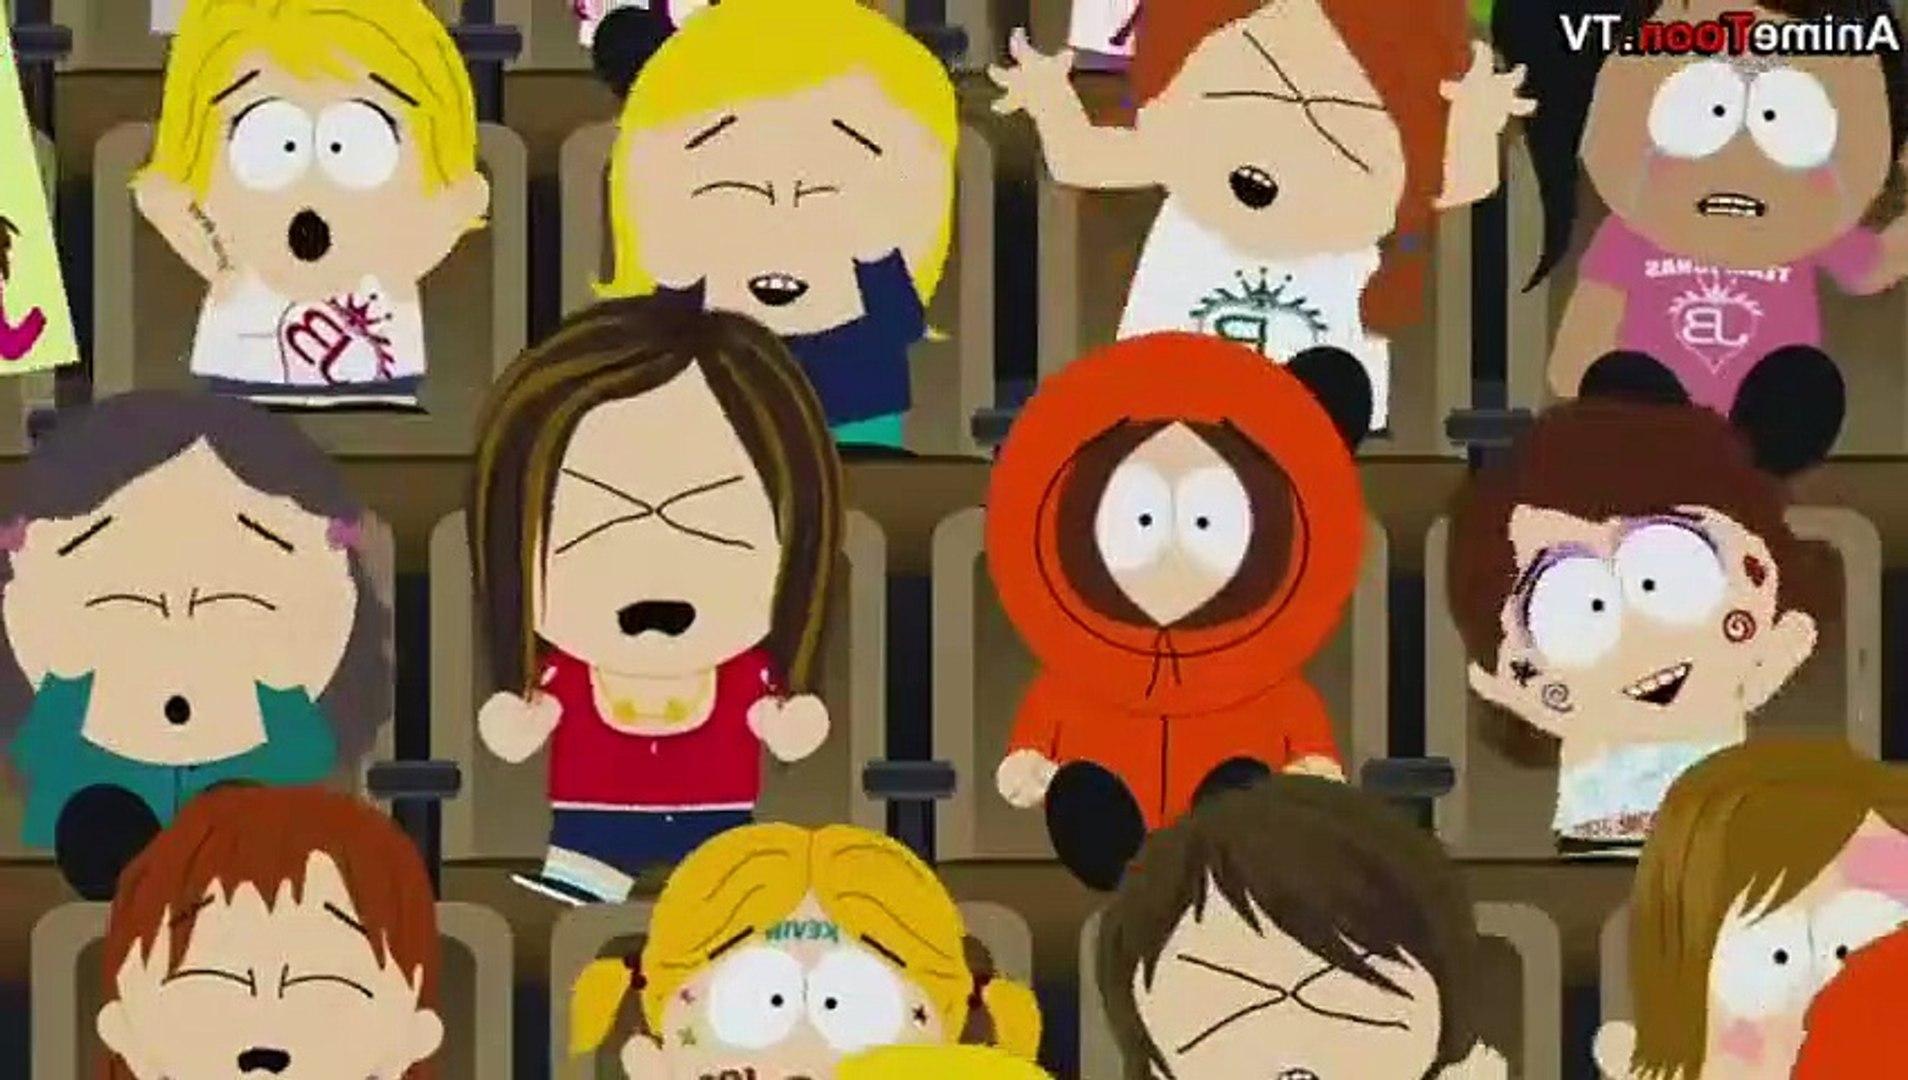 South Park S15E05